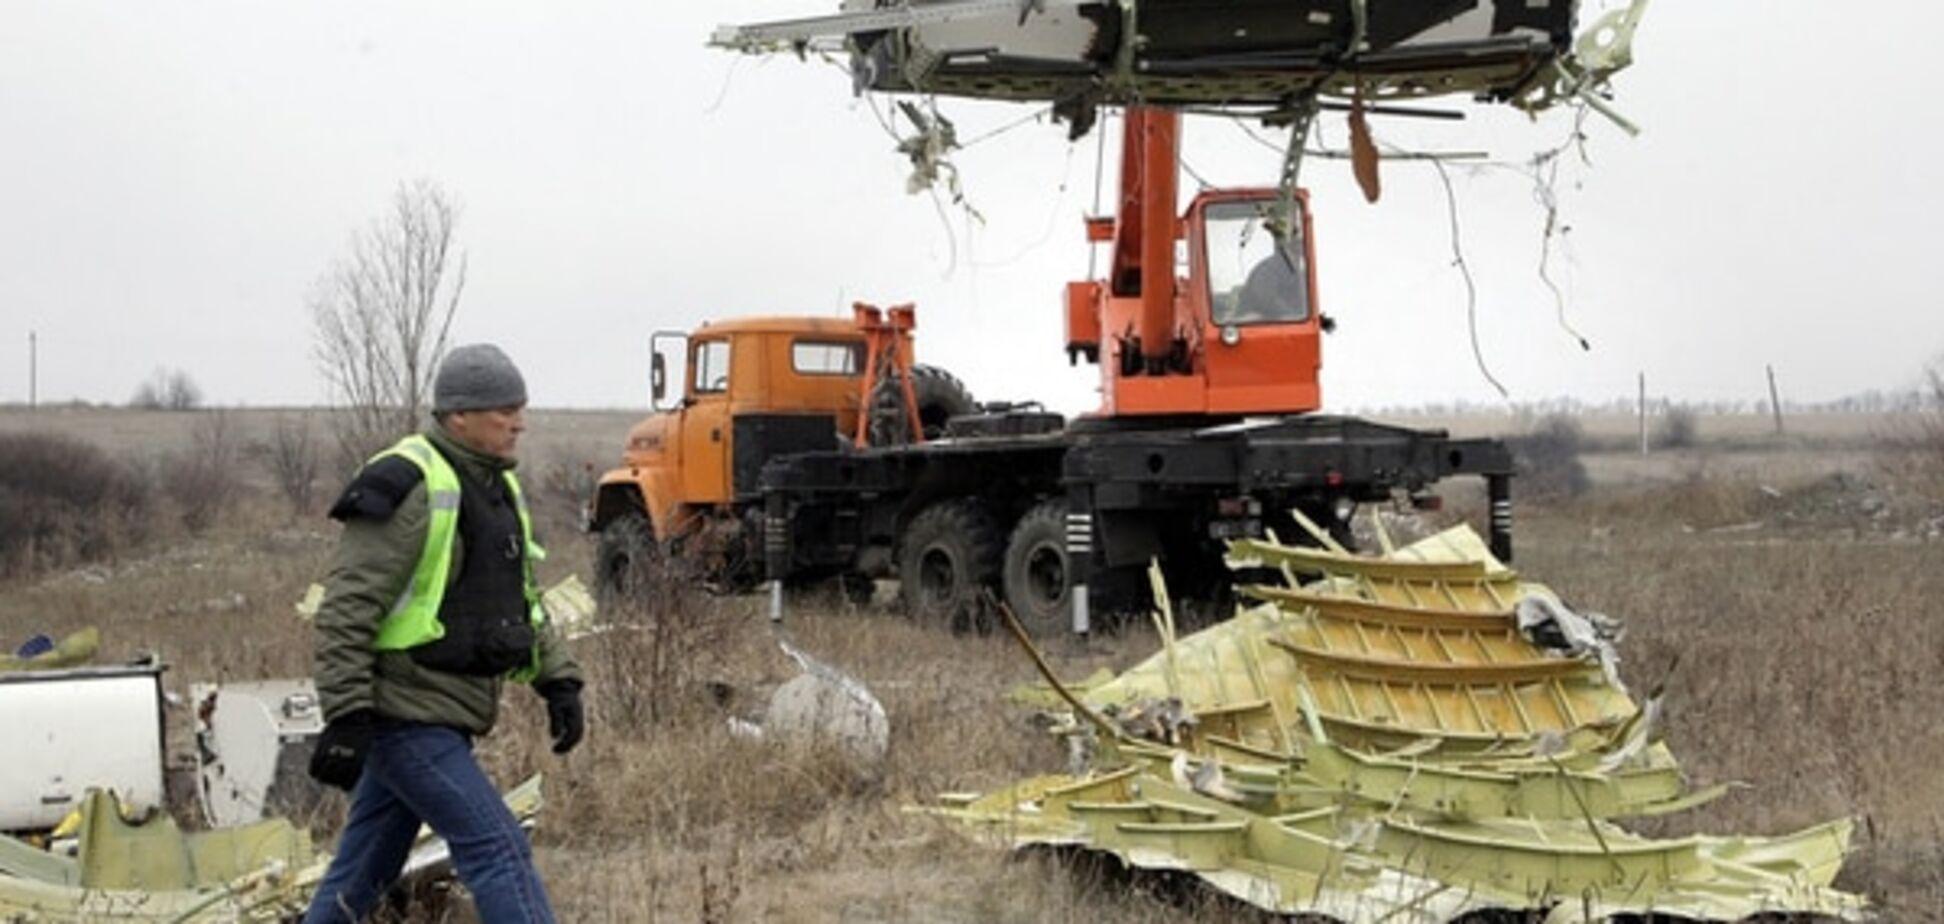 Найсильніший контраргумент: в Росії заявили, що у катастрофі Boeing-777 винен 'не той, хто збив', а Україна